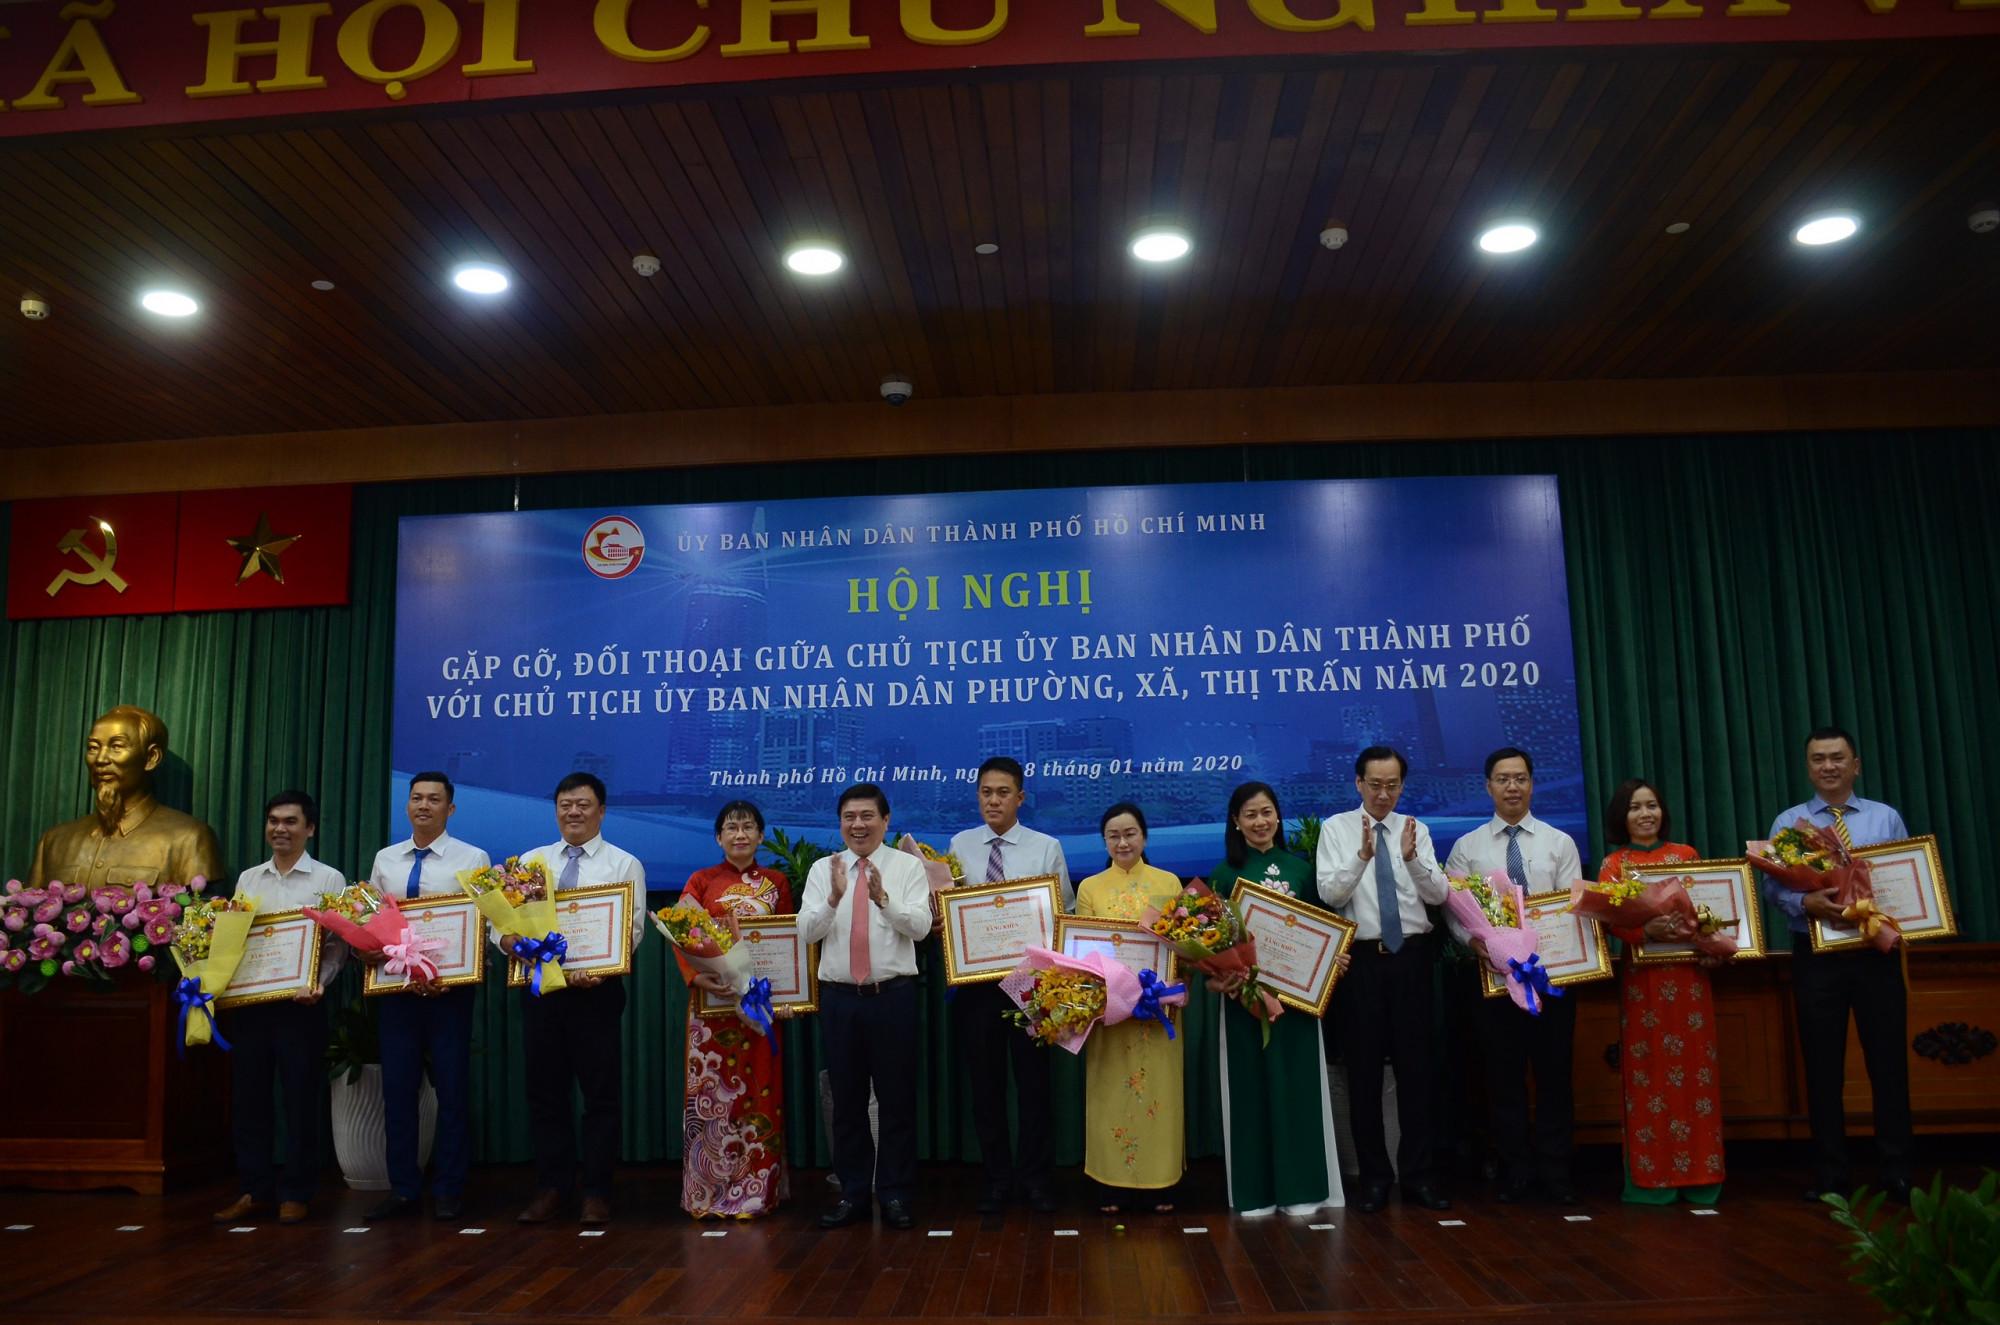 UBND TPHCM tặng Bằng khen cho 24 chủ tịch UBND phường, xã, thị trấn có thành tích cao xuất sắn, tiêu biểu năm 2019.